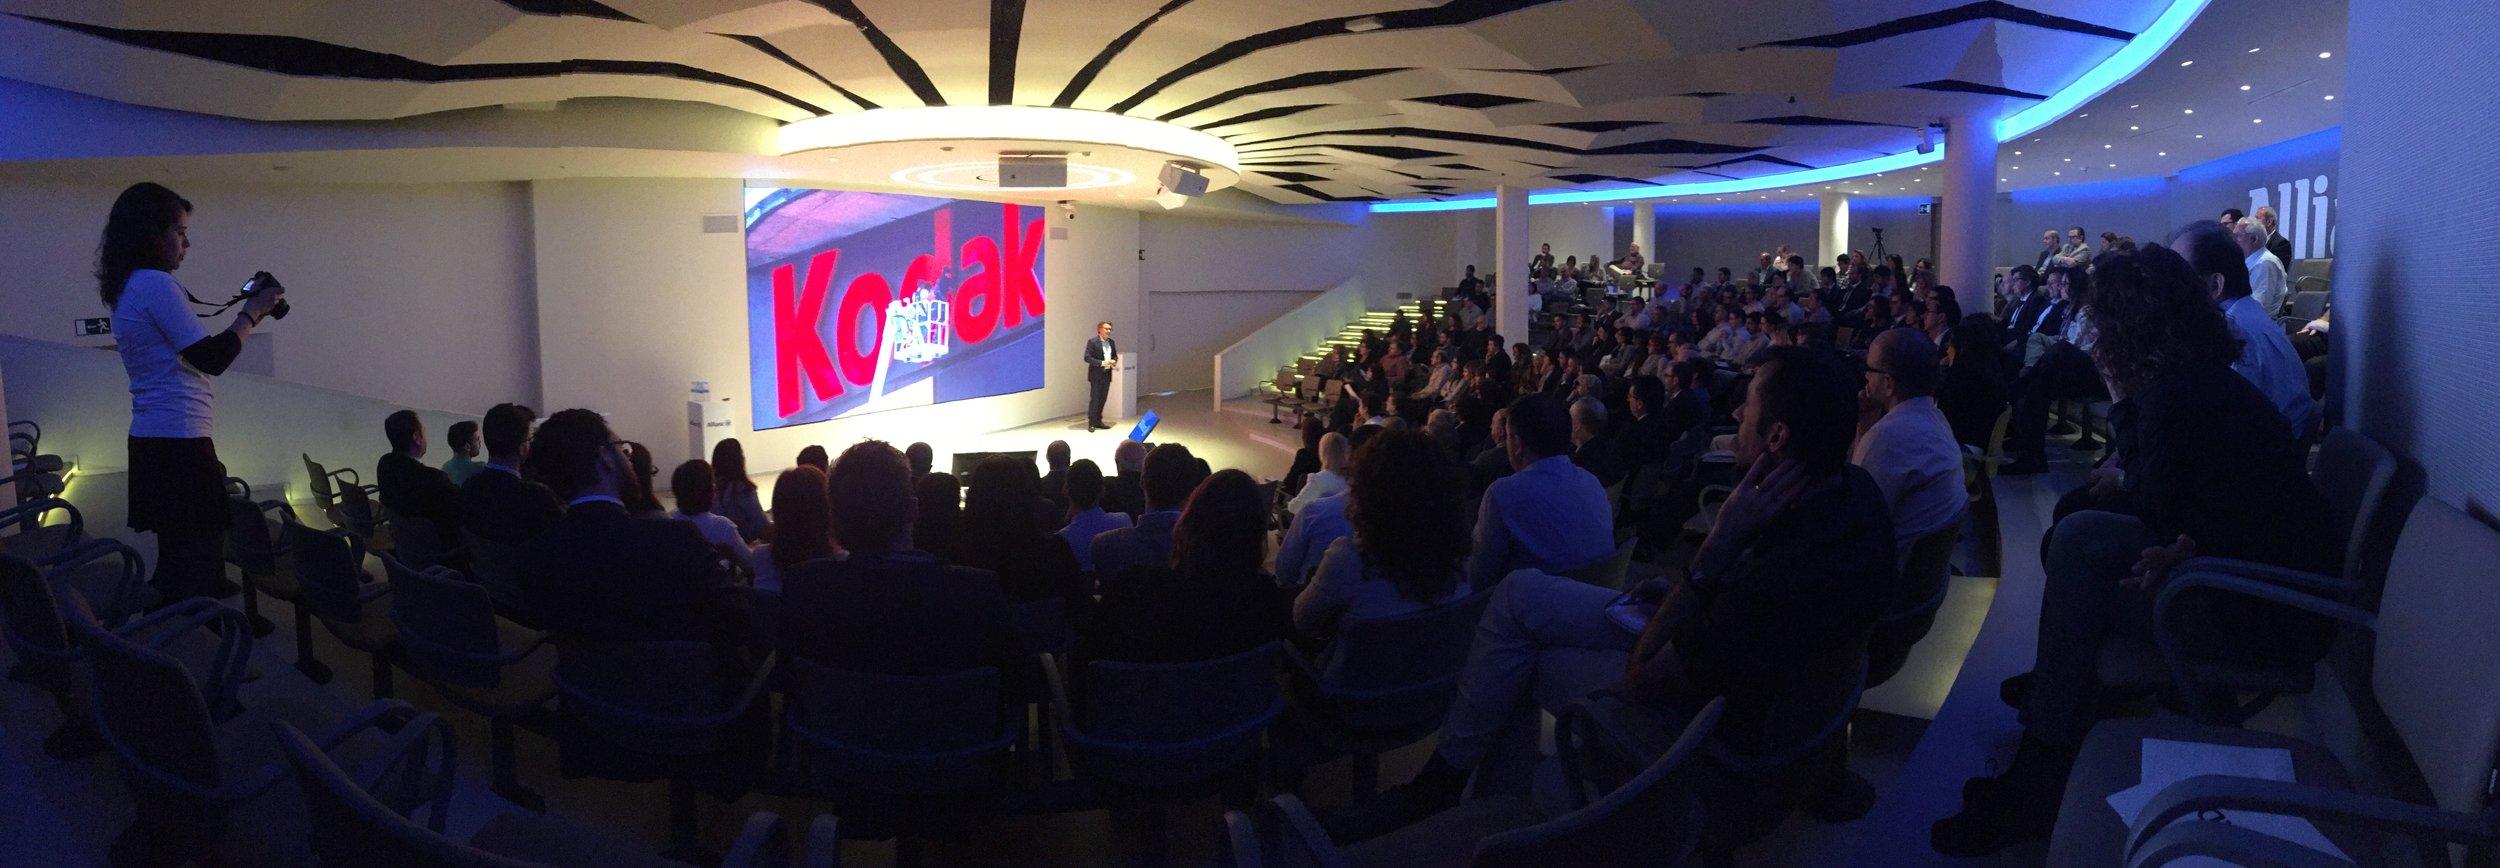 Conferencias y eventos corporativos